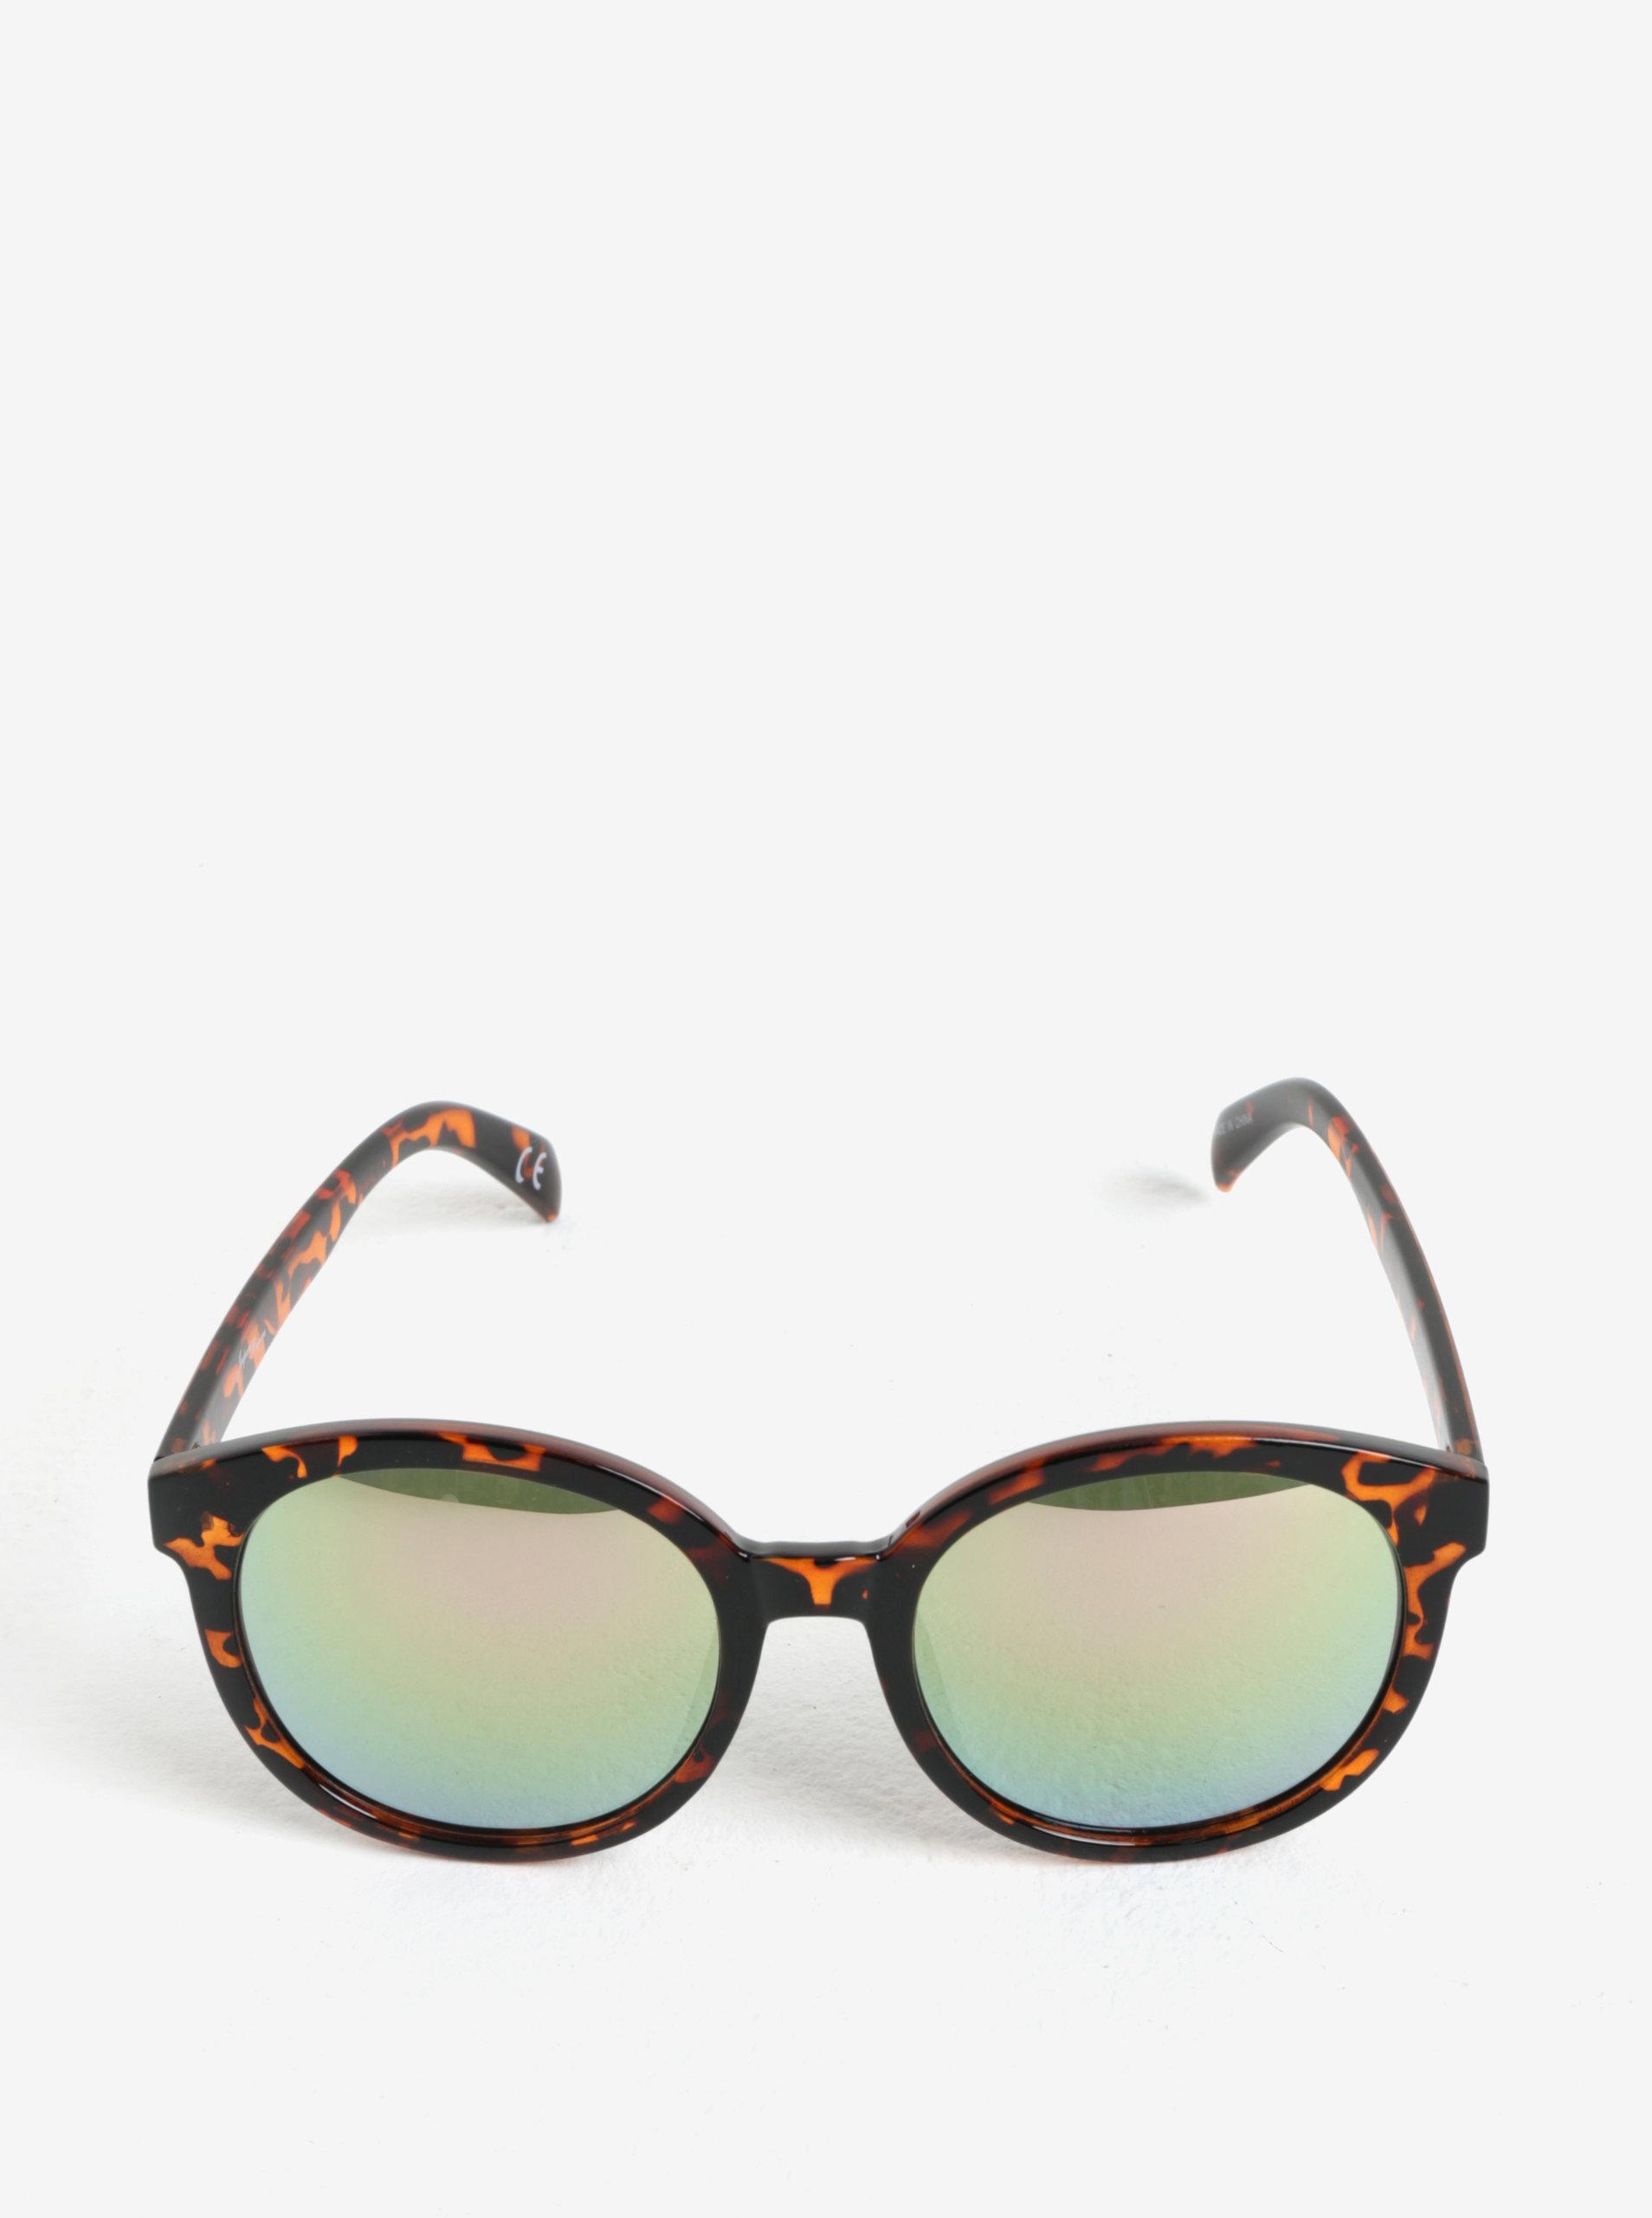 Čierno-hnedé dámske vzorované okrúhle slnečné okuliare Jeepers Peepers ... 5fa2f1cd4b3